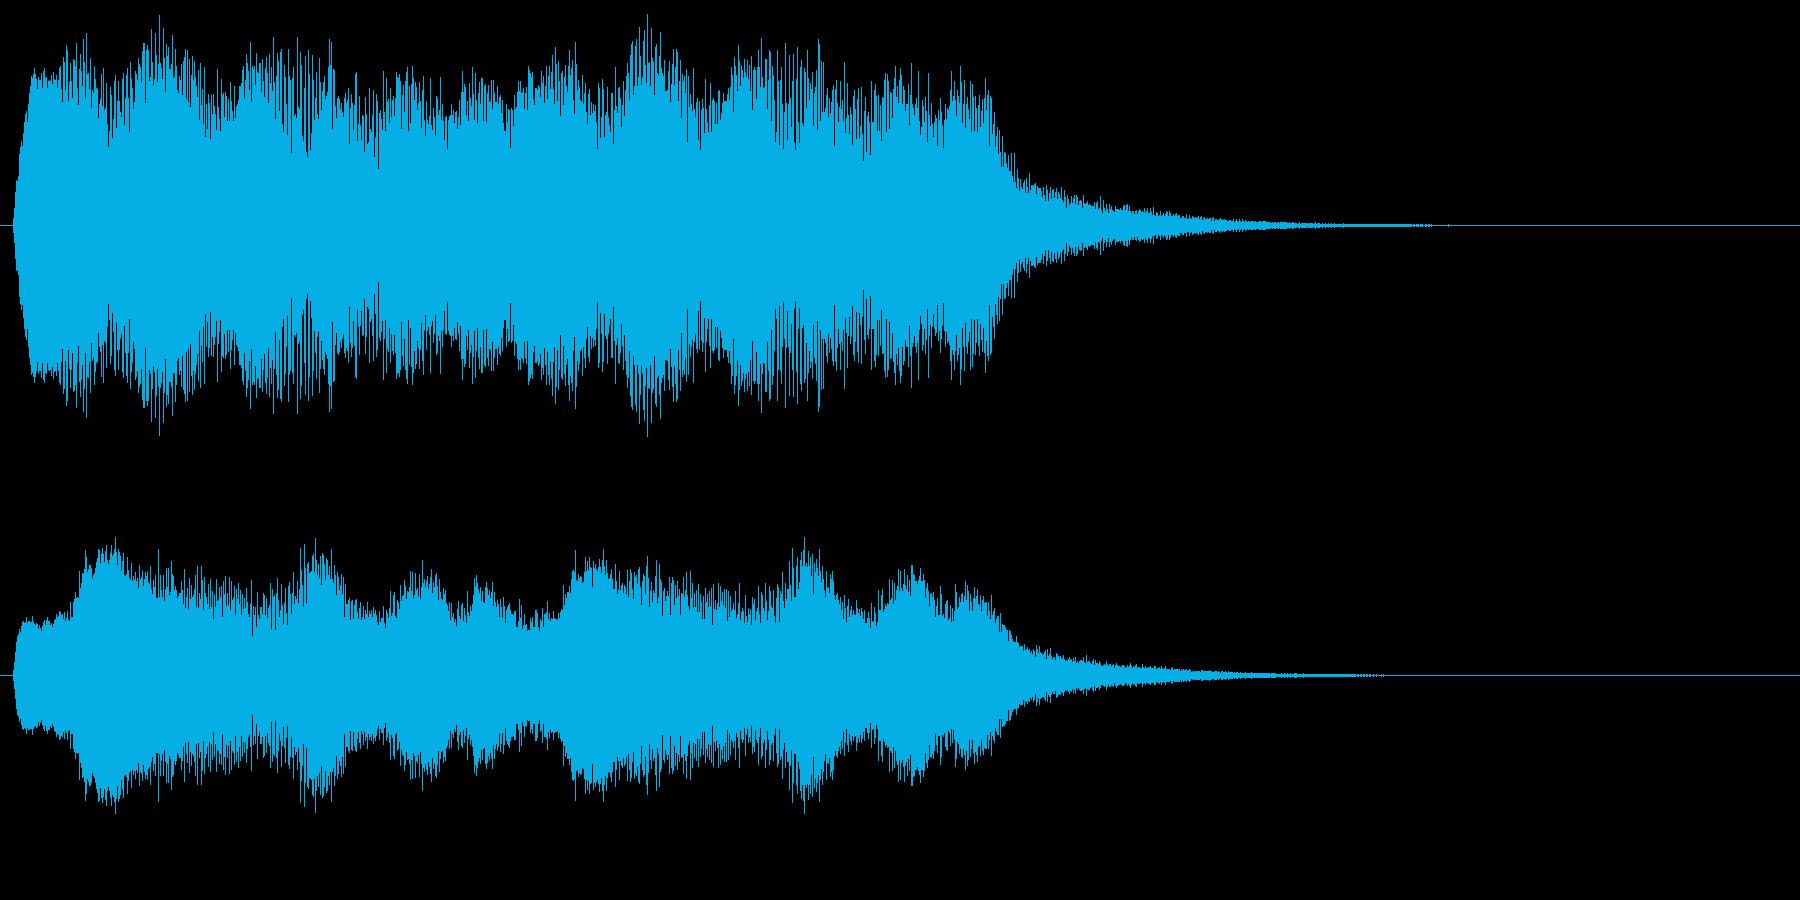 ラヴェル作曲「夜蛾」冒頭による警告効果音の再生済みの波形